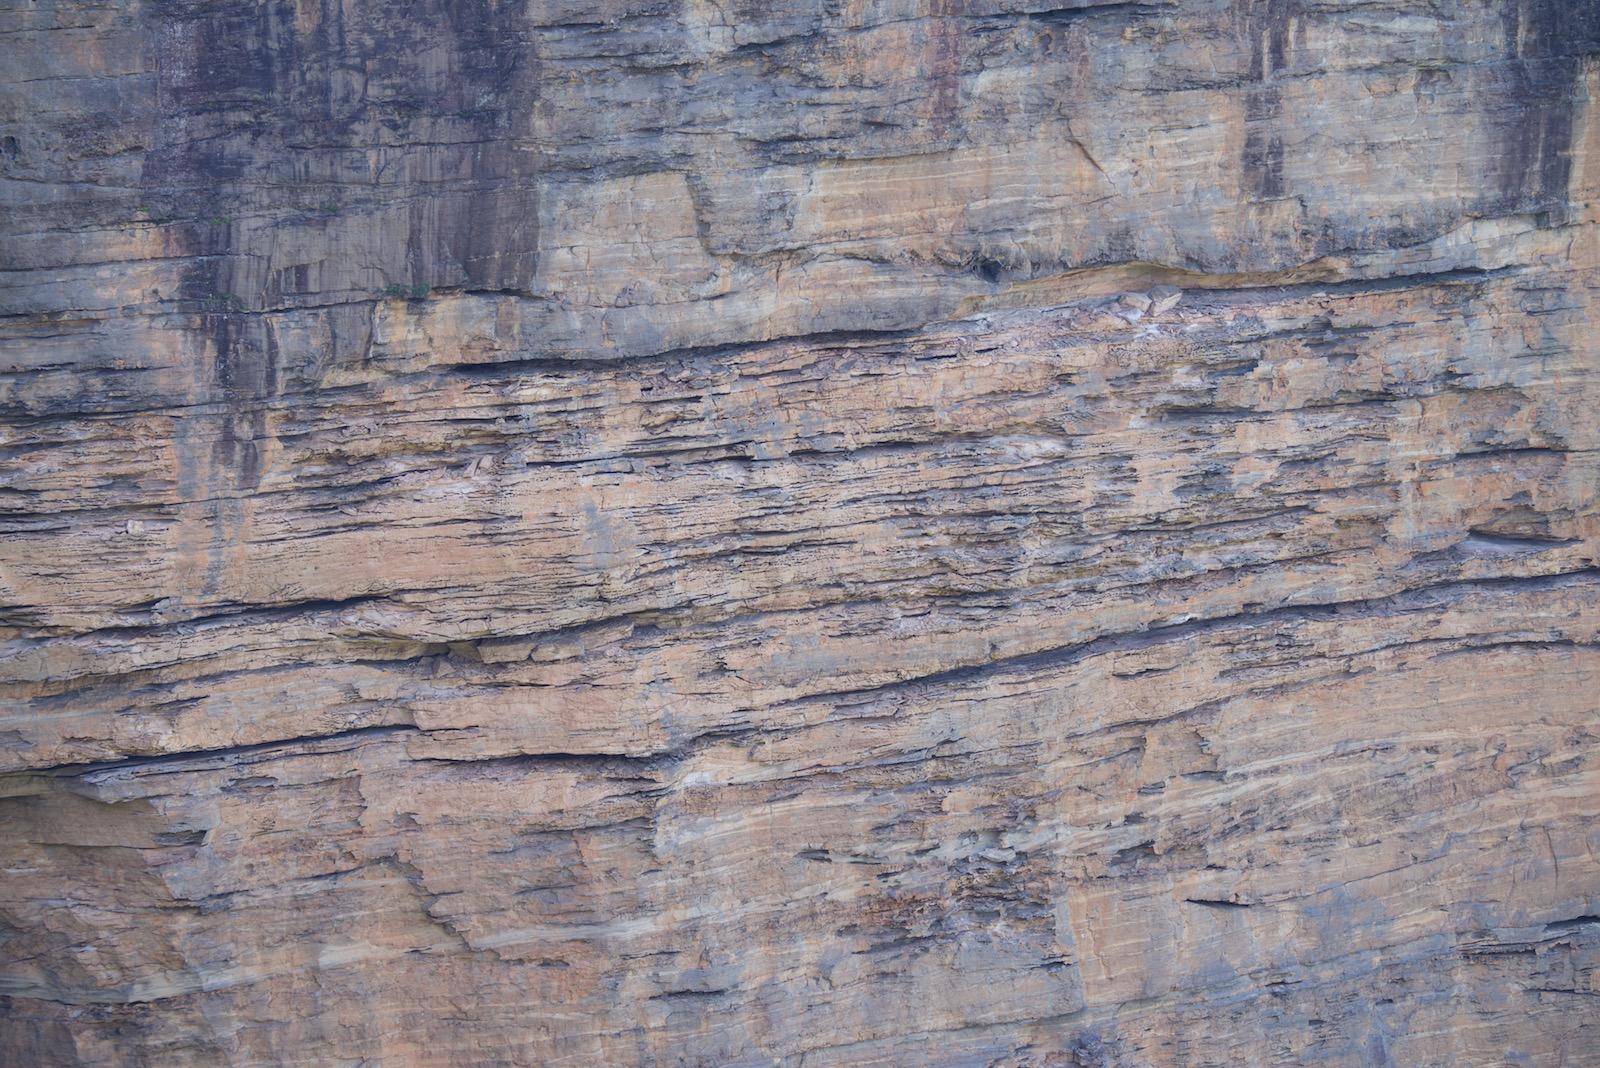 2015-0008-0039. Rock cliff, Blue Mountains, Australia.